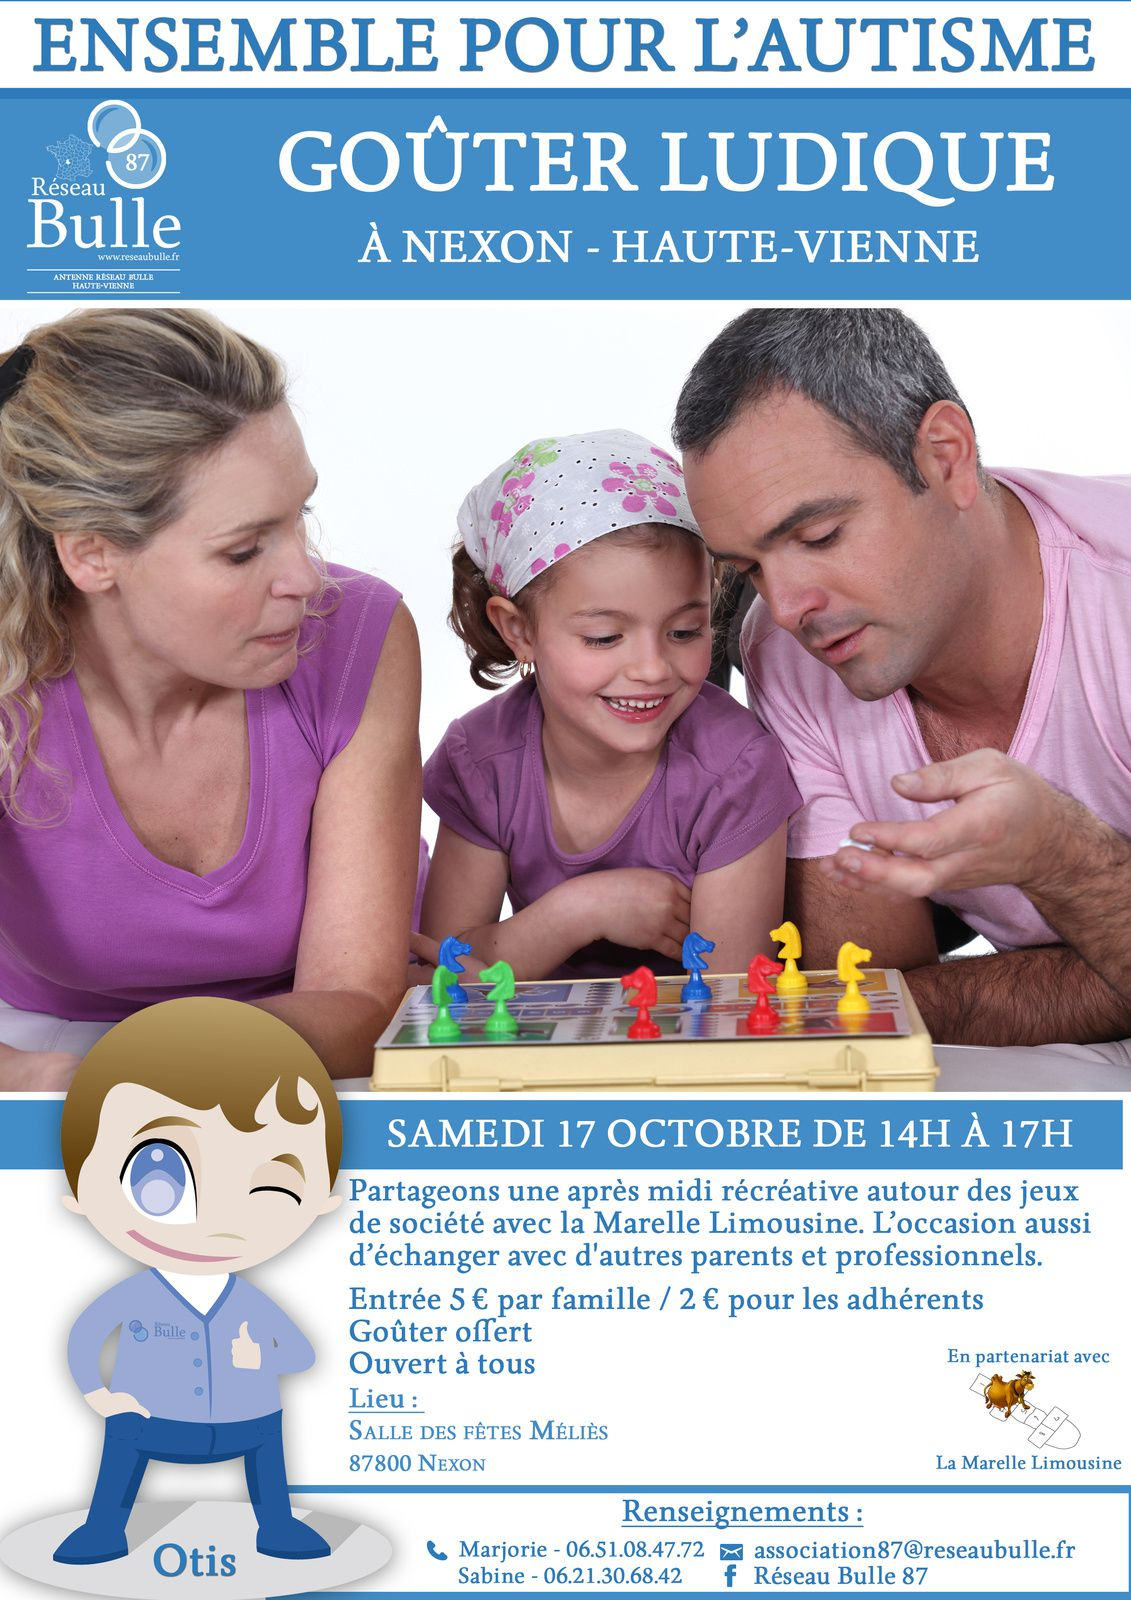 Samedi 17 Octobre à Nexon de 14h à 17h. Entrée 5€ / famille